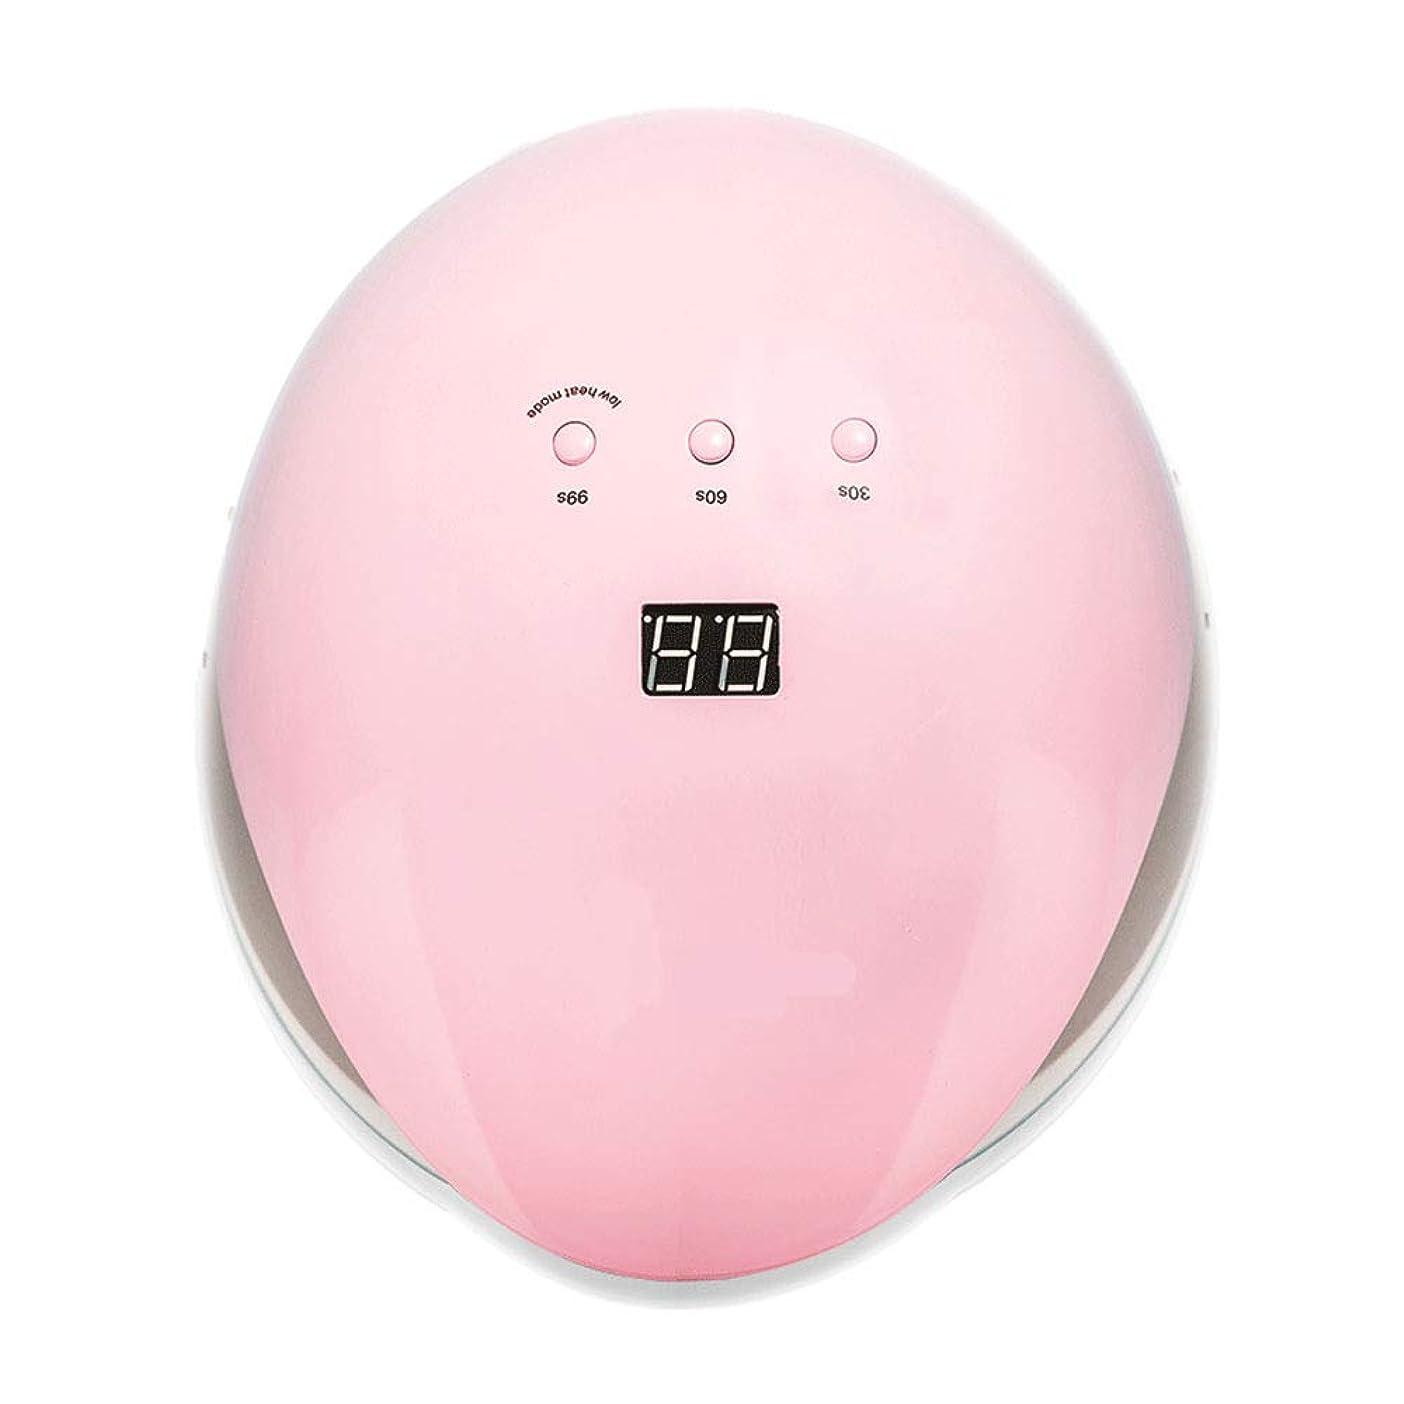 インディカマニフェスト覚醒釘のドライヤー - 自動赤外線センサー、二重光源のLEDランプのゲルのドライヤーのマニキュアが付いている紫外線携帯用LEDの釘ランプ